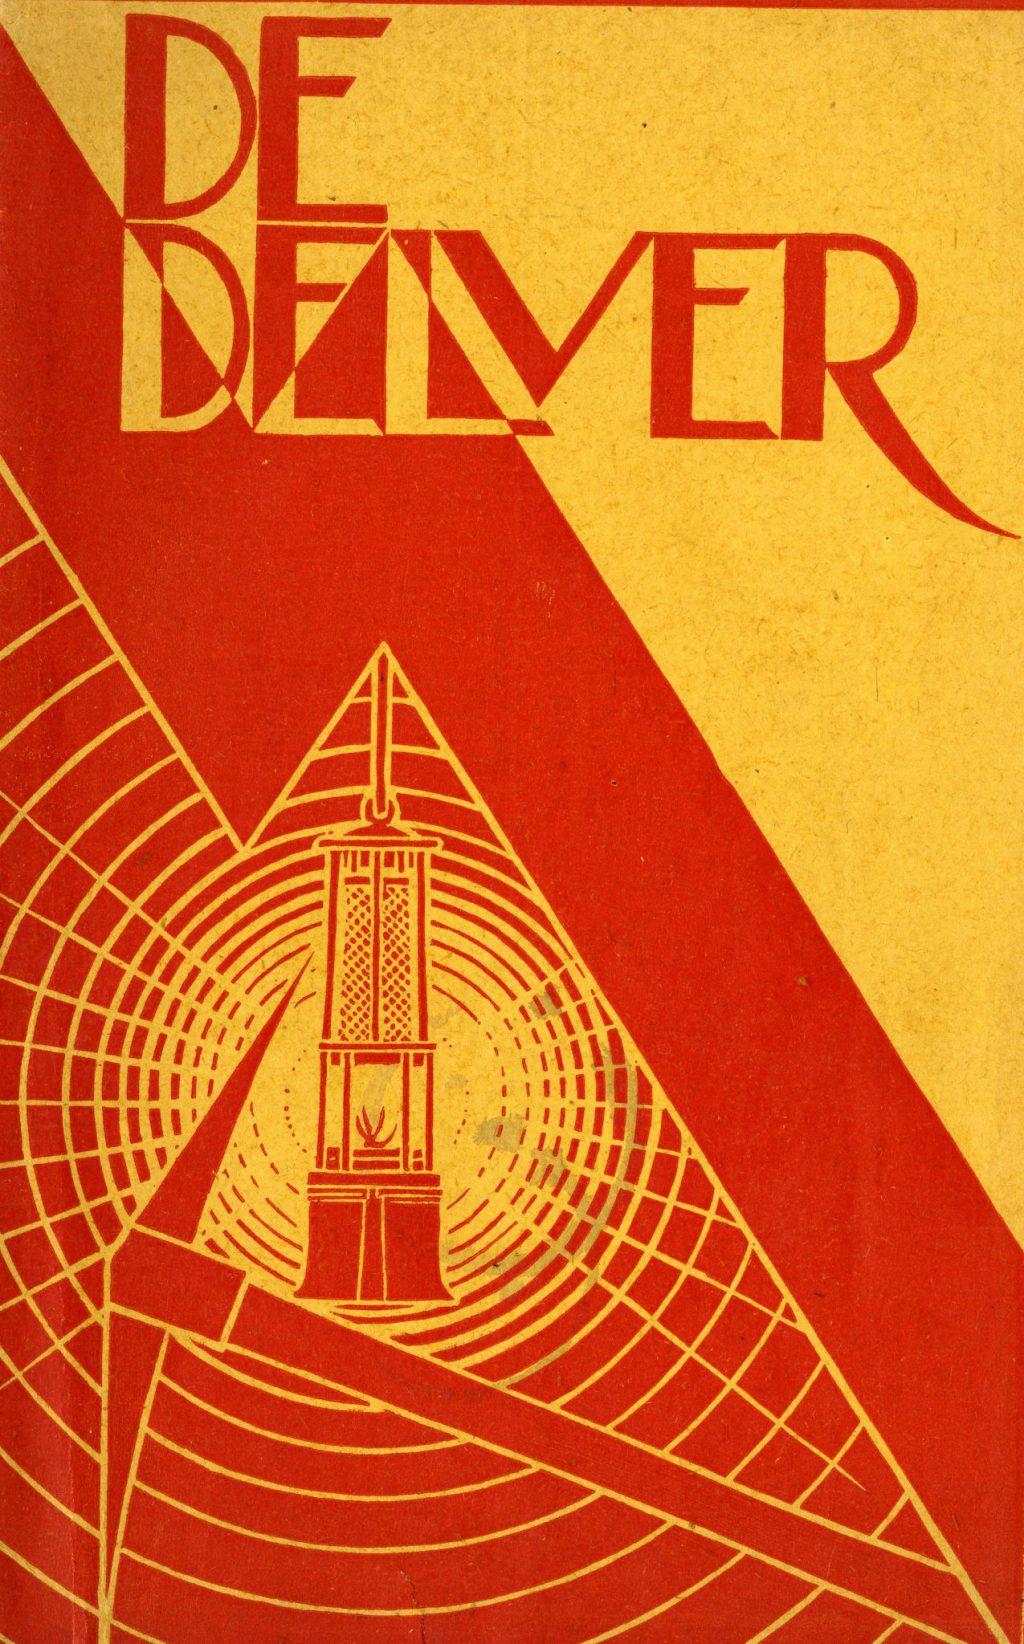 Rijk van Lavieren, Cover tijdschrift De Delver, ca. 1925 (TMS 133222)